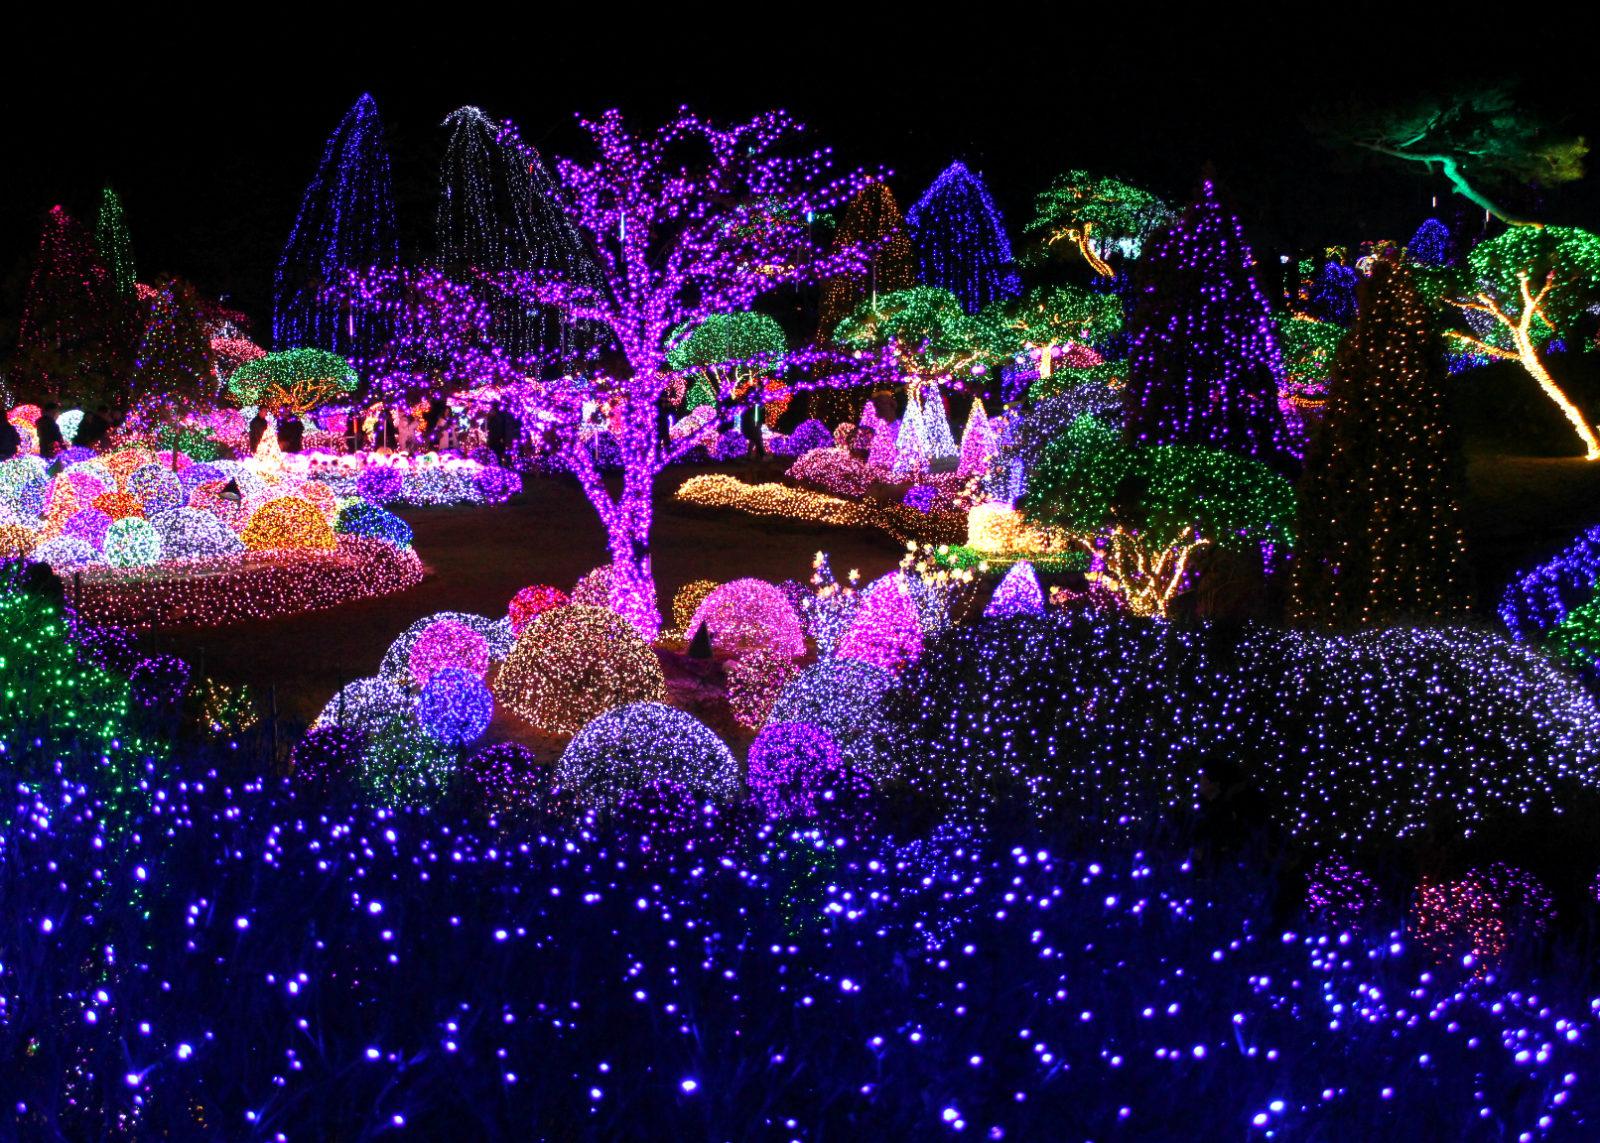 Những mẫu đèn trang trí cây xanh tạo hiệu ứng đẹp